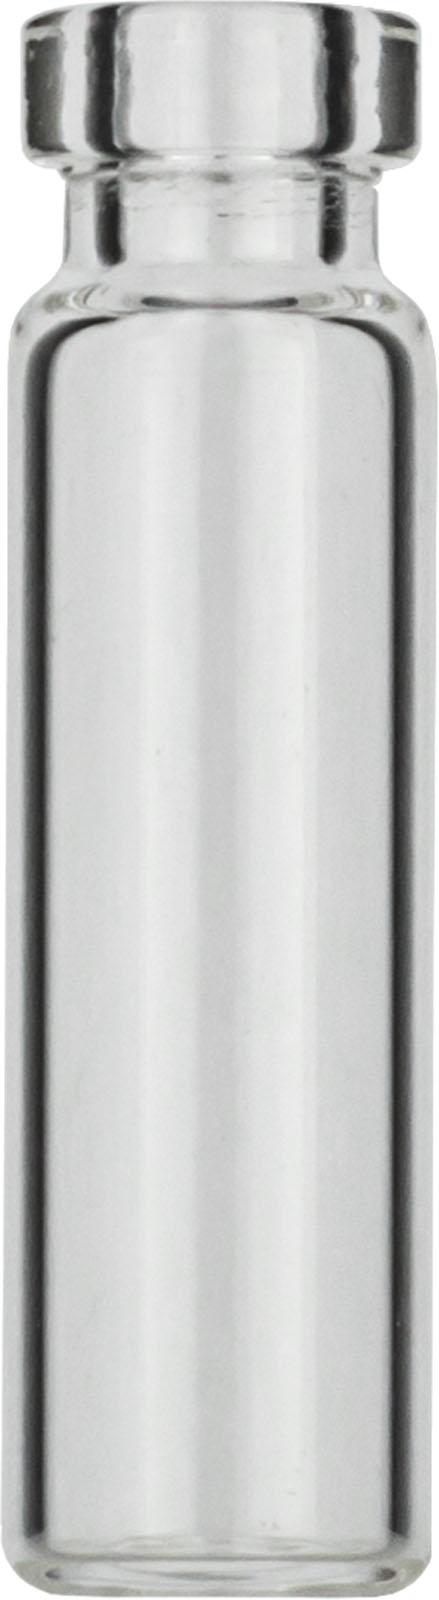 Vial N8-0.8, RR, k, 8,2x30, flach